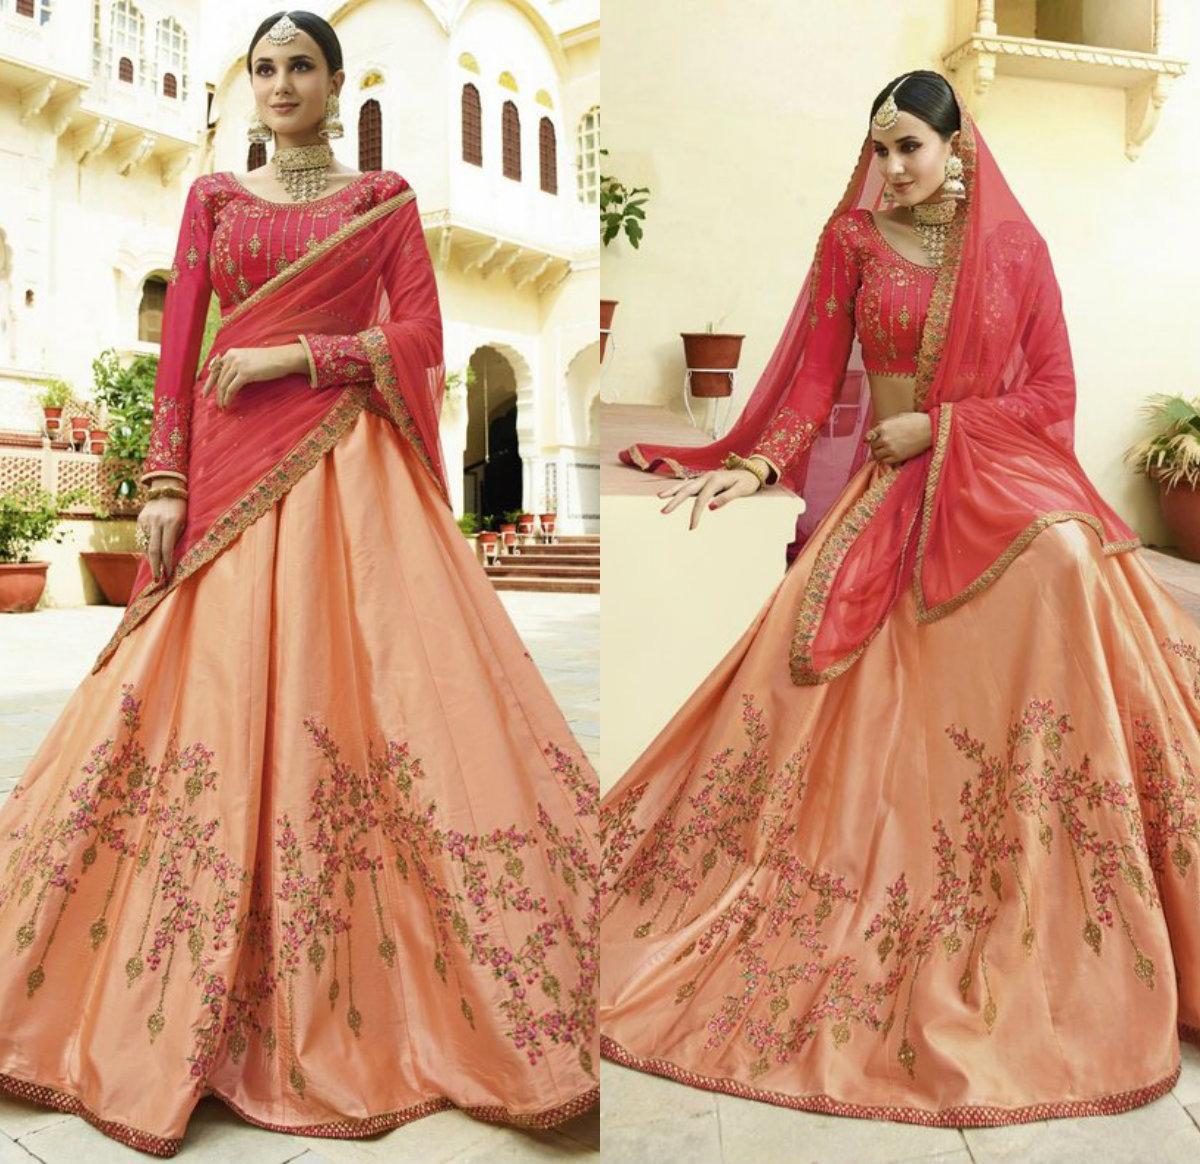 Luxus Indische Kleider Online Großhandel Vertriebspartner, Luxus